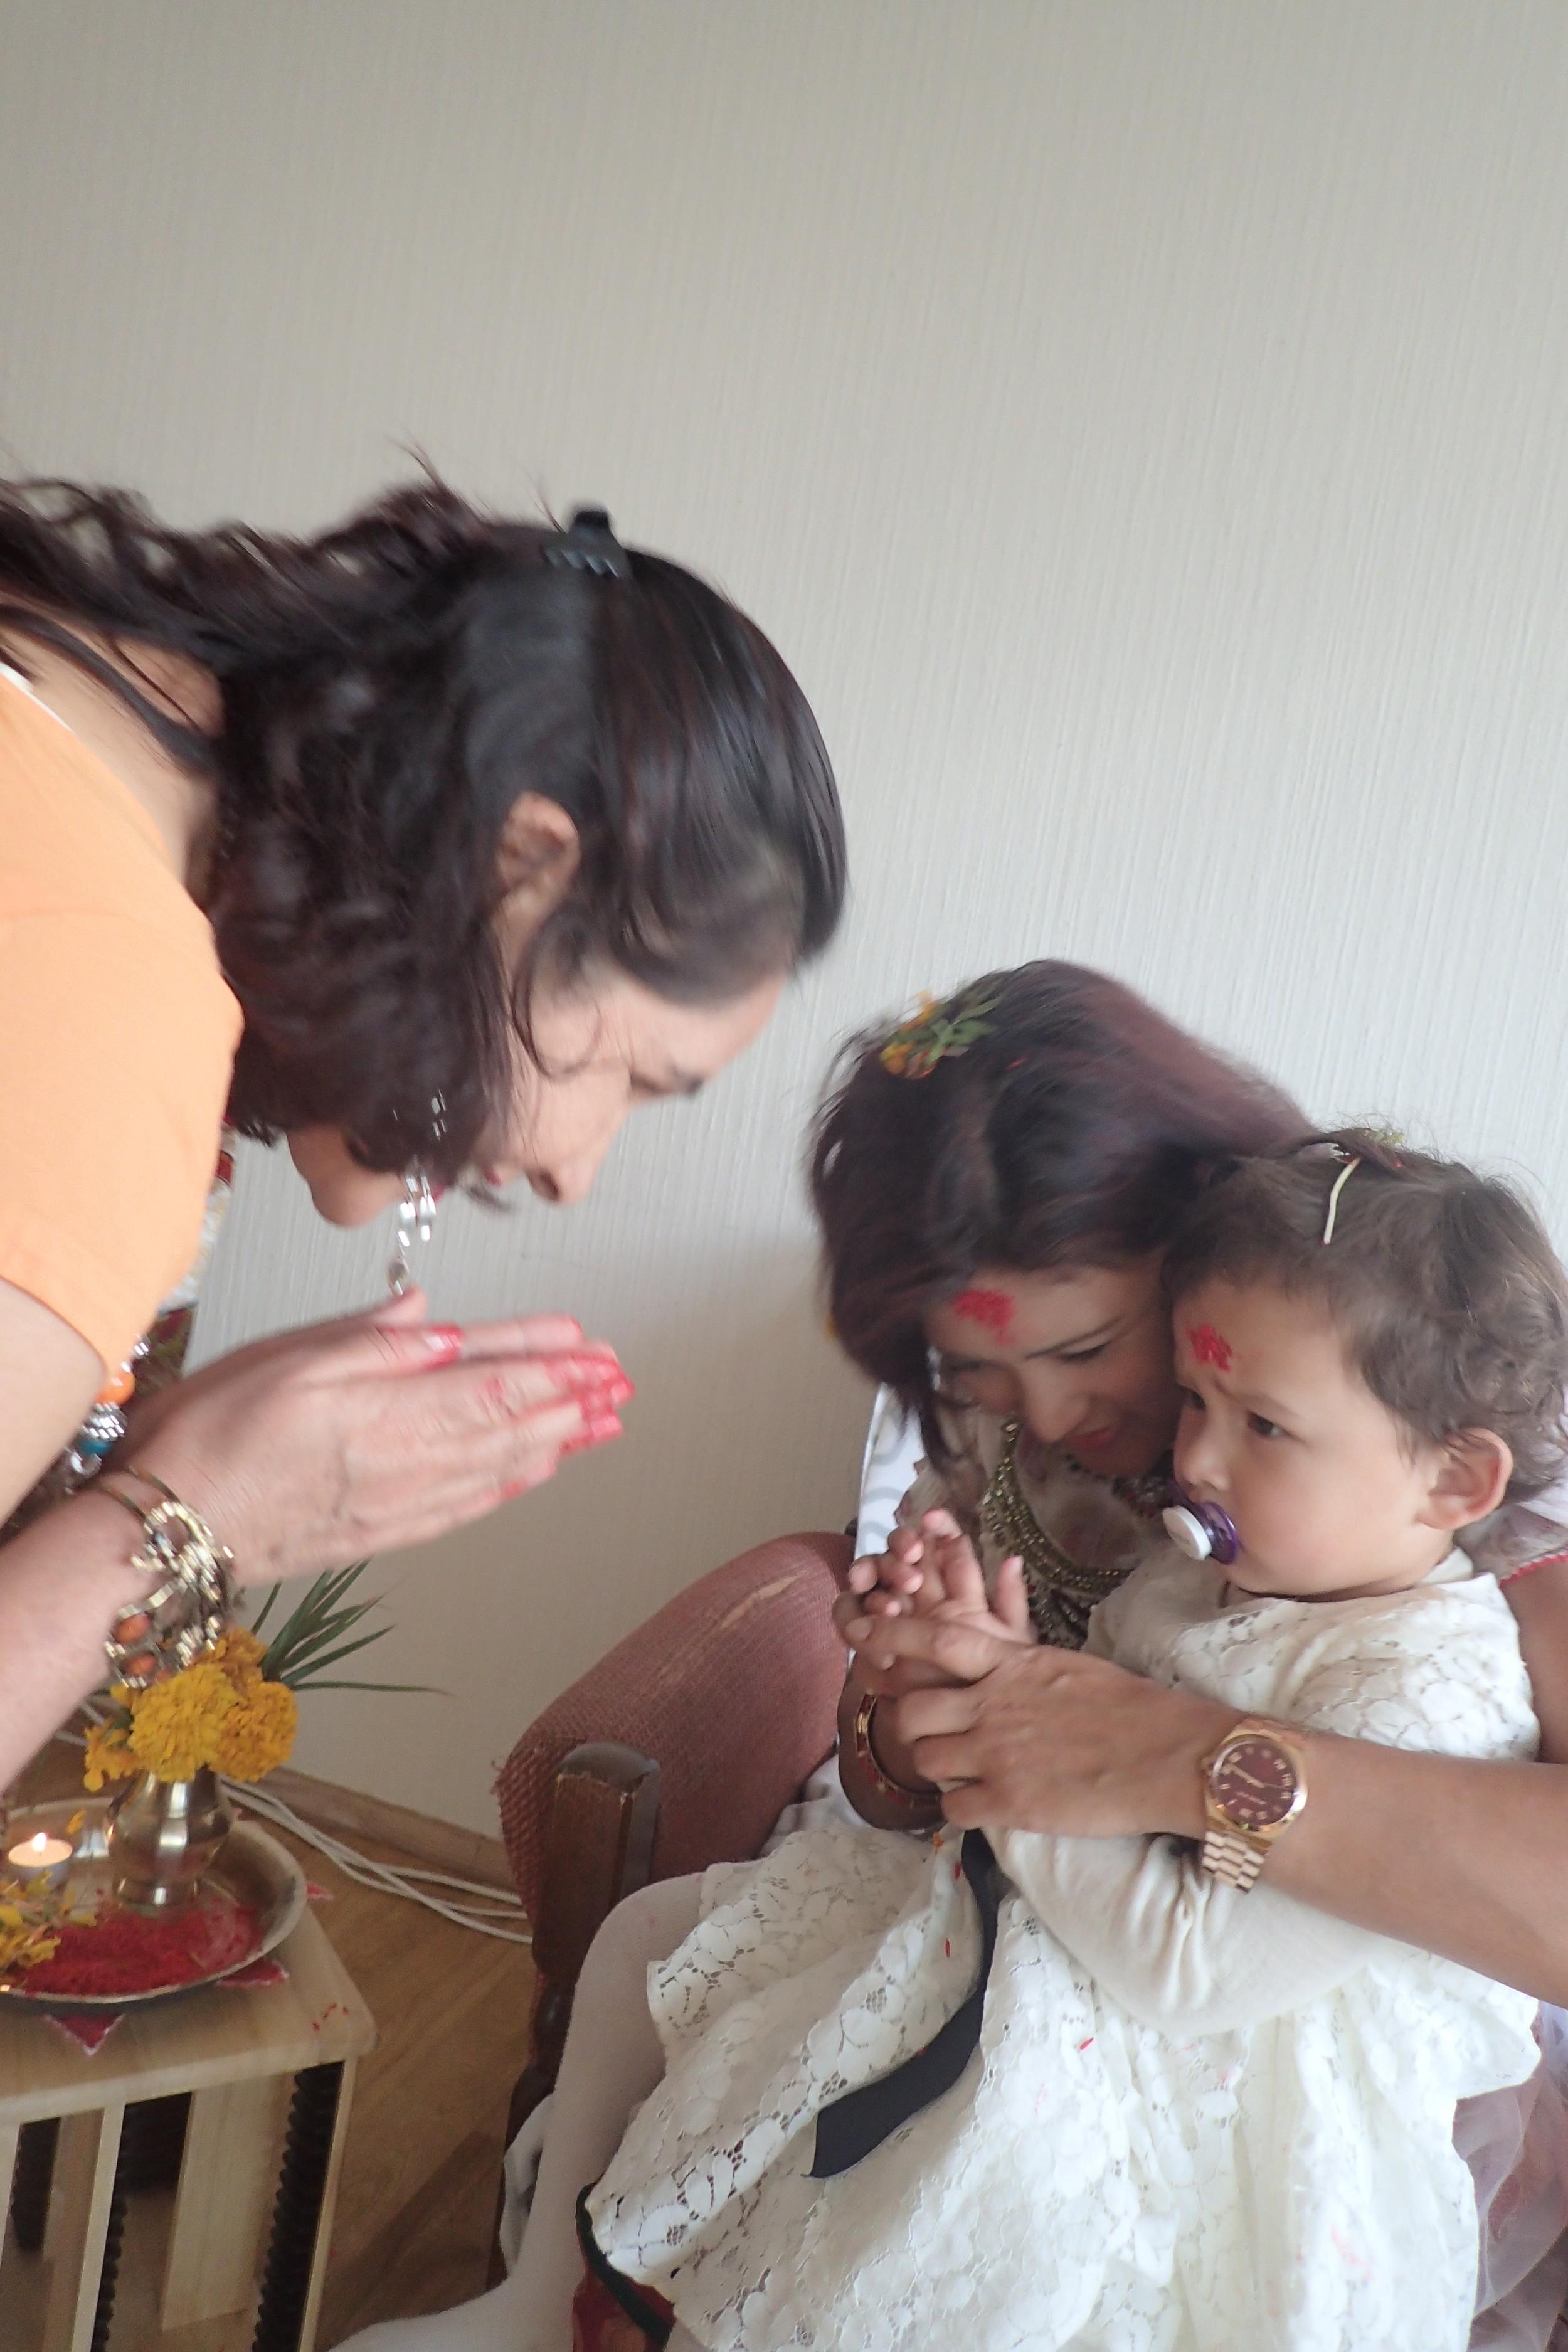 Little girl learning to greet 'Namaste'.